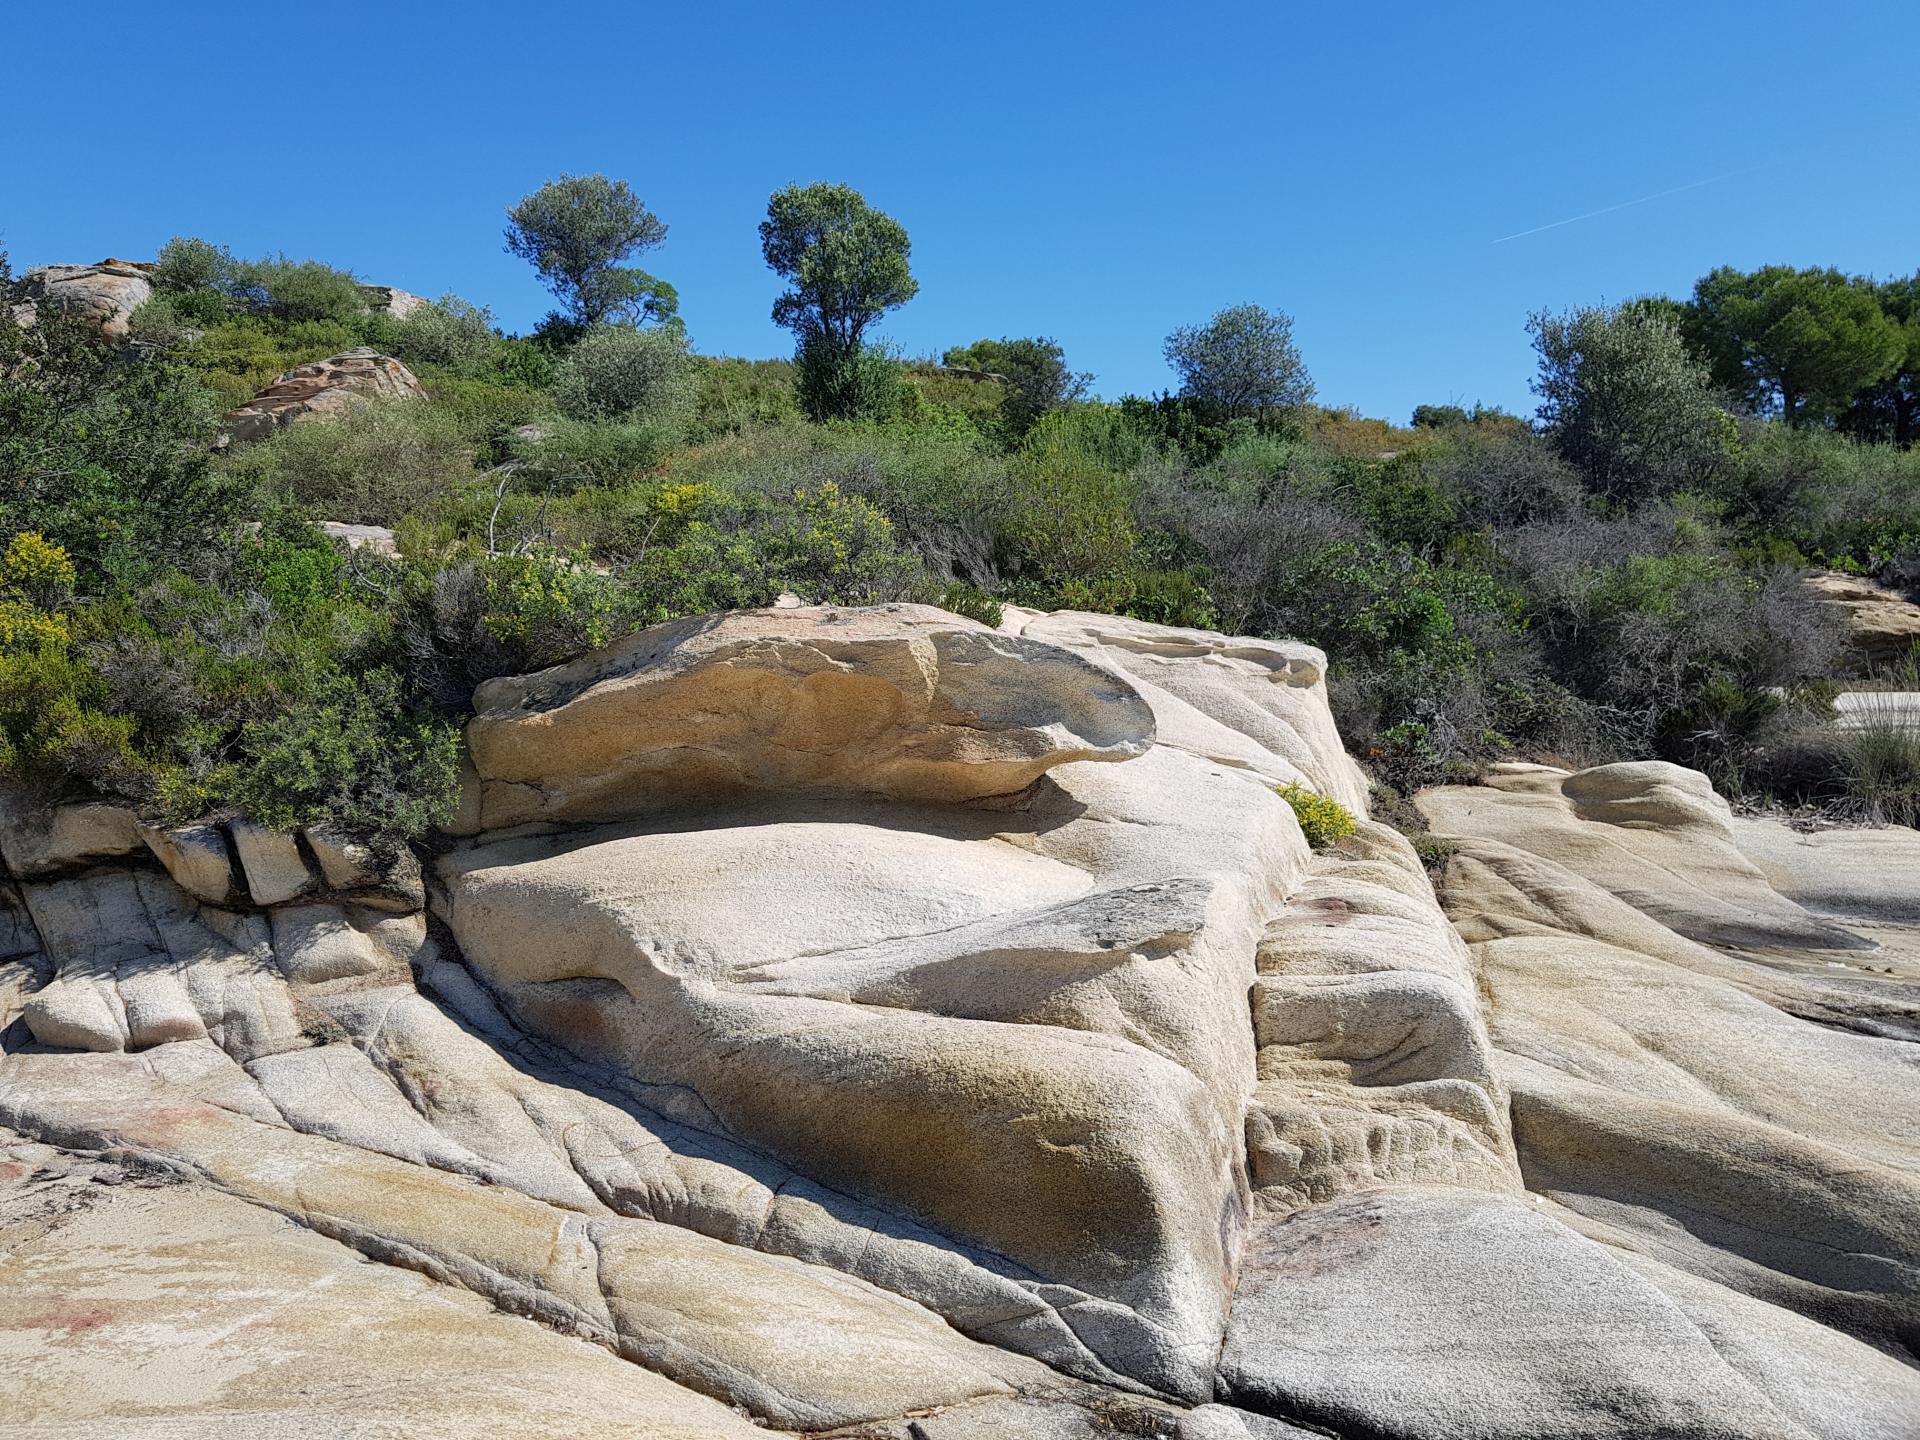 каменистый берег с травой